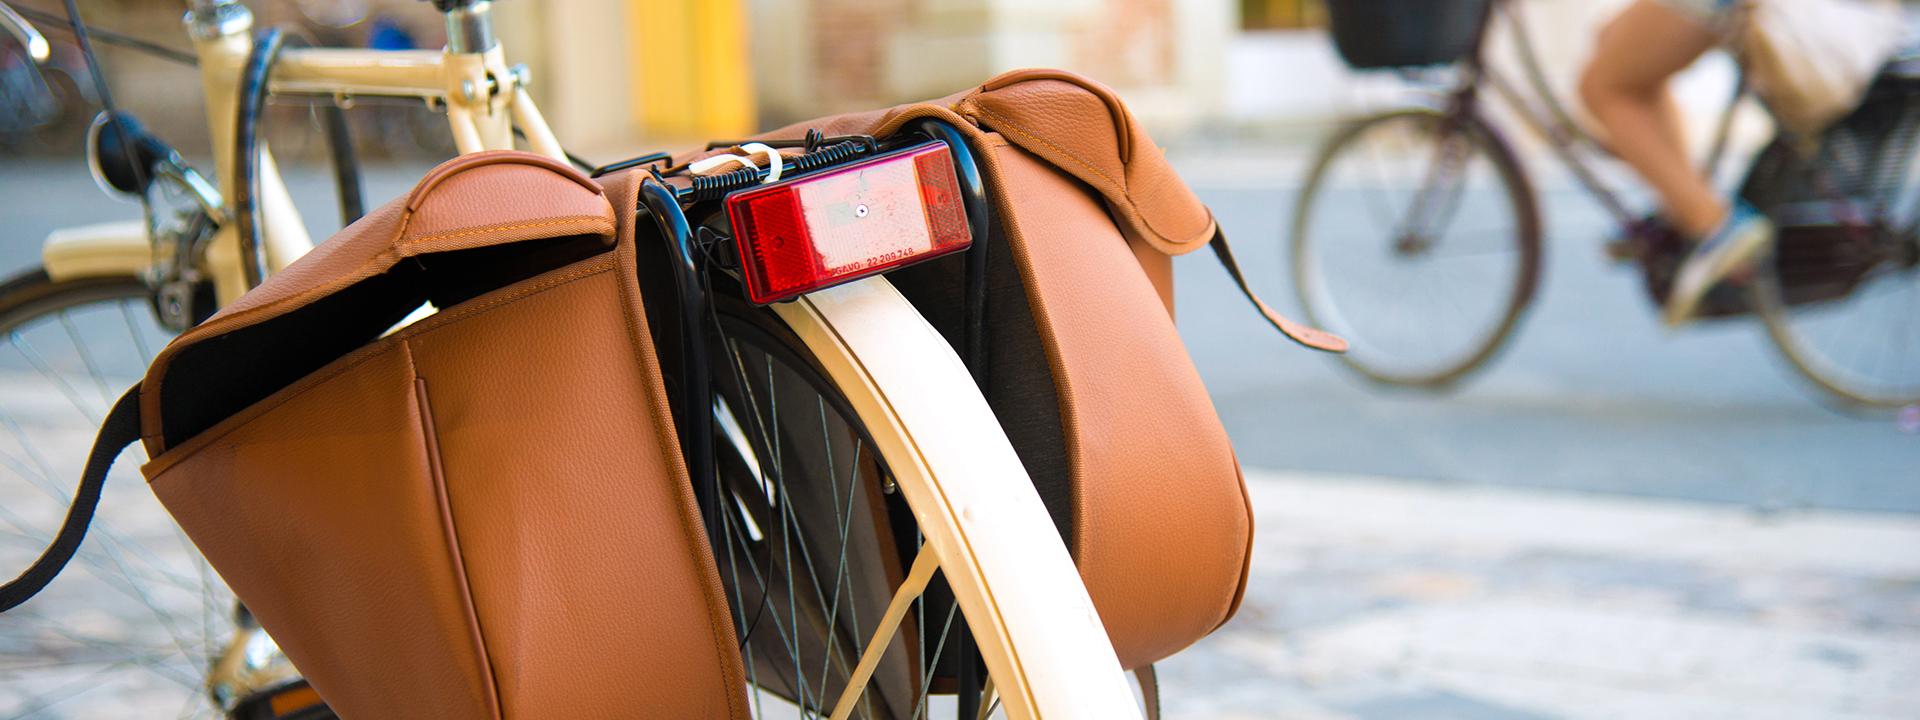 Фото багажника для велосипеда вблизи